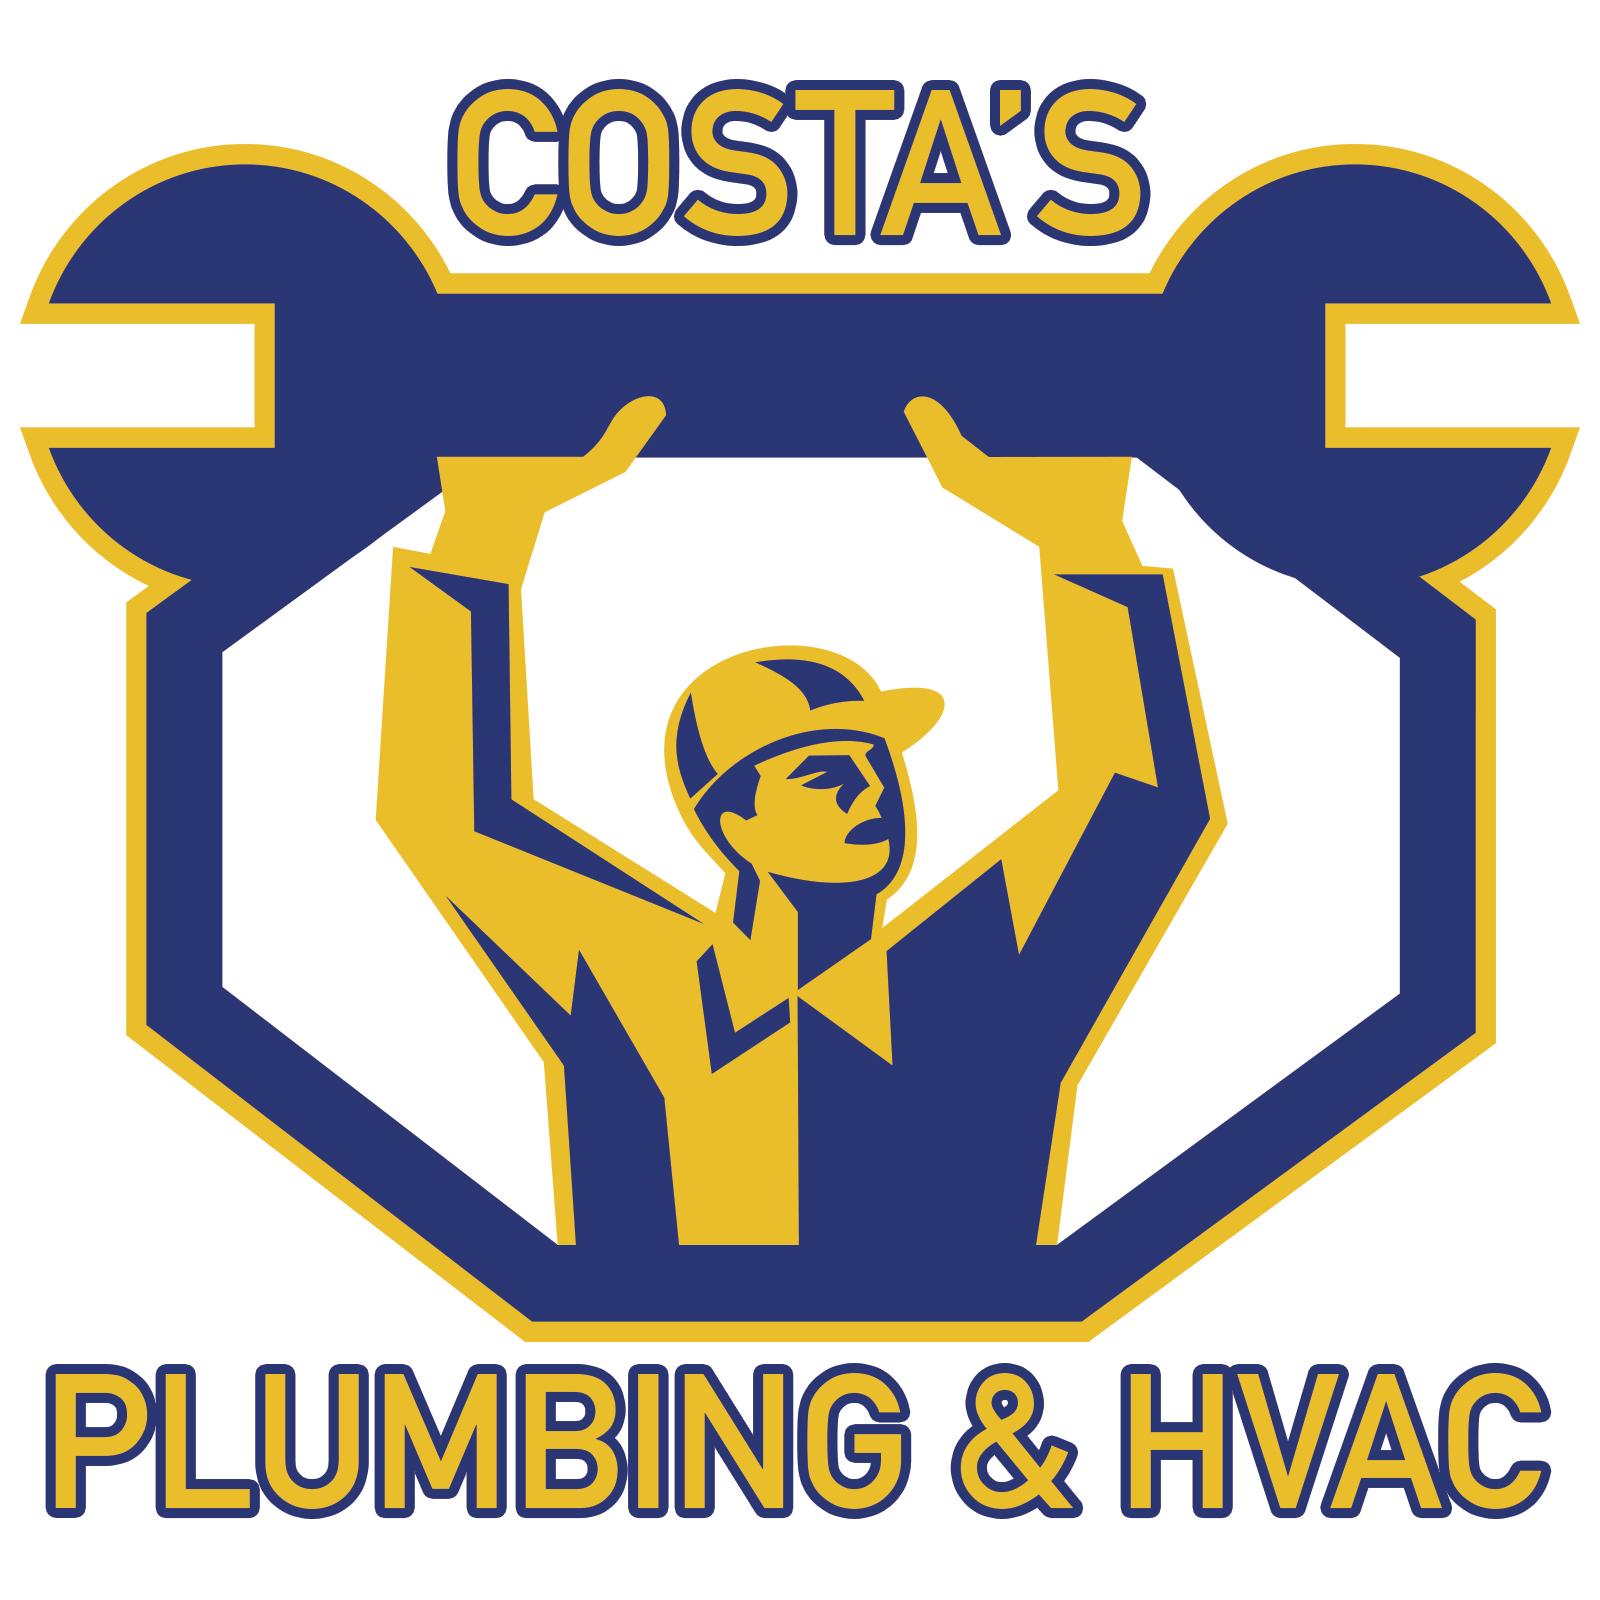 Costa's Plumbing & HVAC